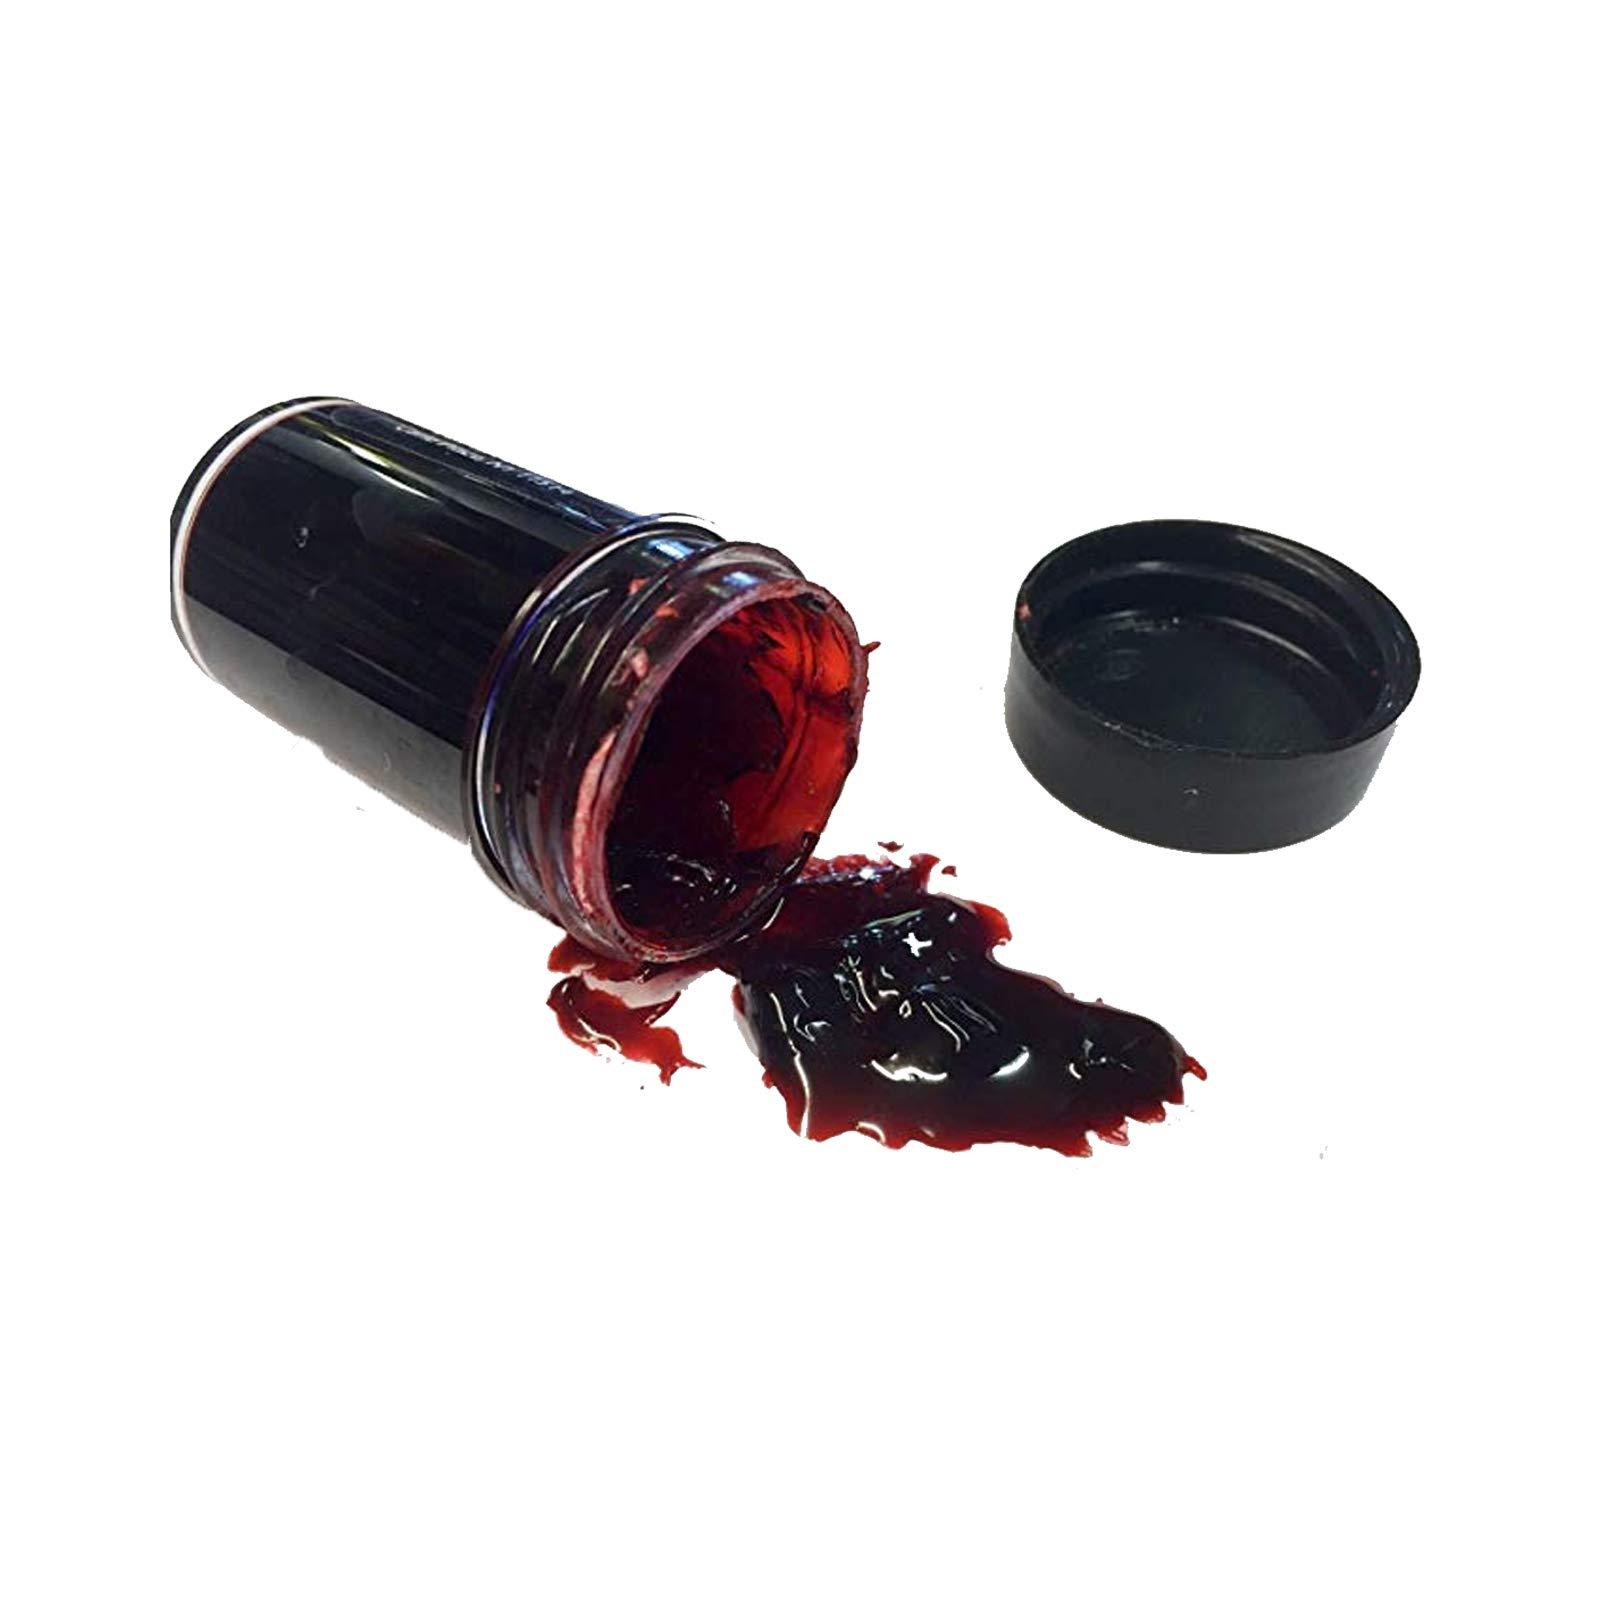 Wundschorf Verkrustetes Blut - dickes Kunstblut Schürfblut für Halloween Horror FX Spezial MakeUp